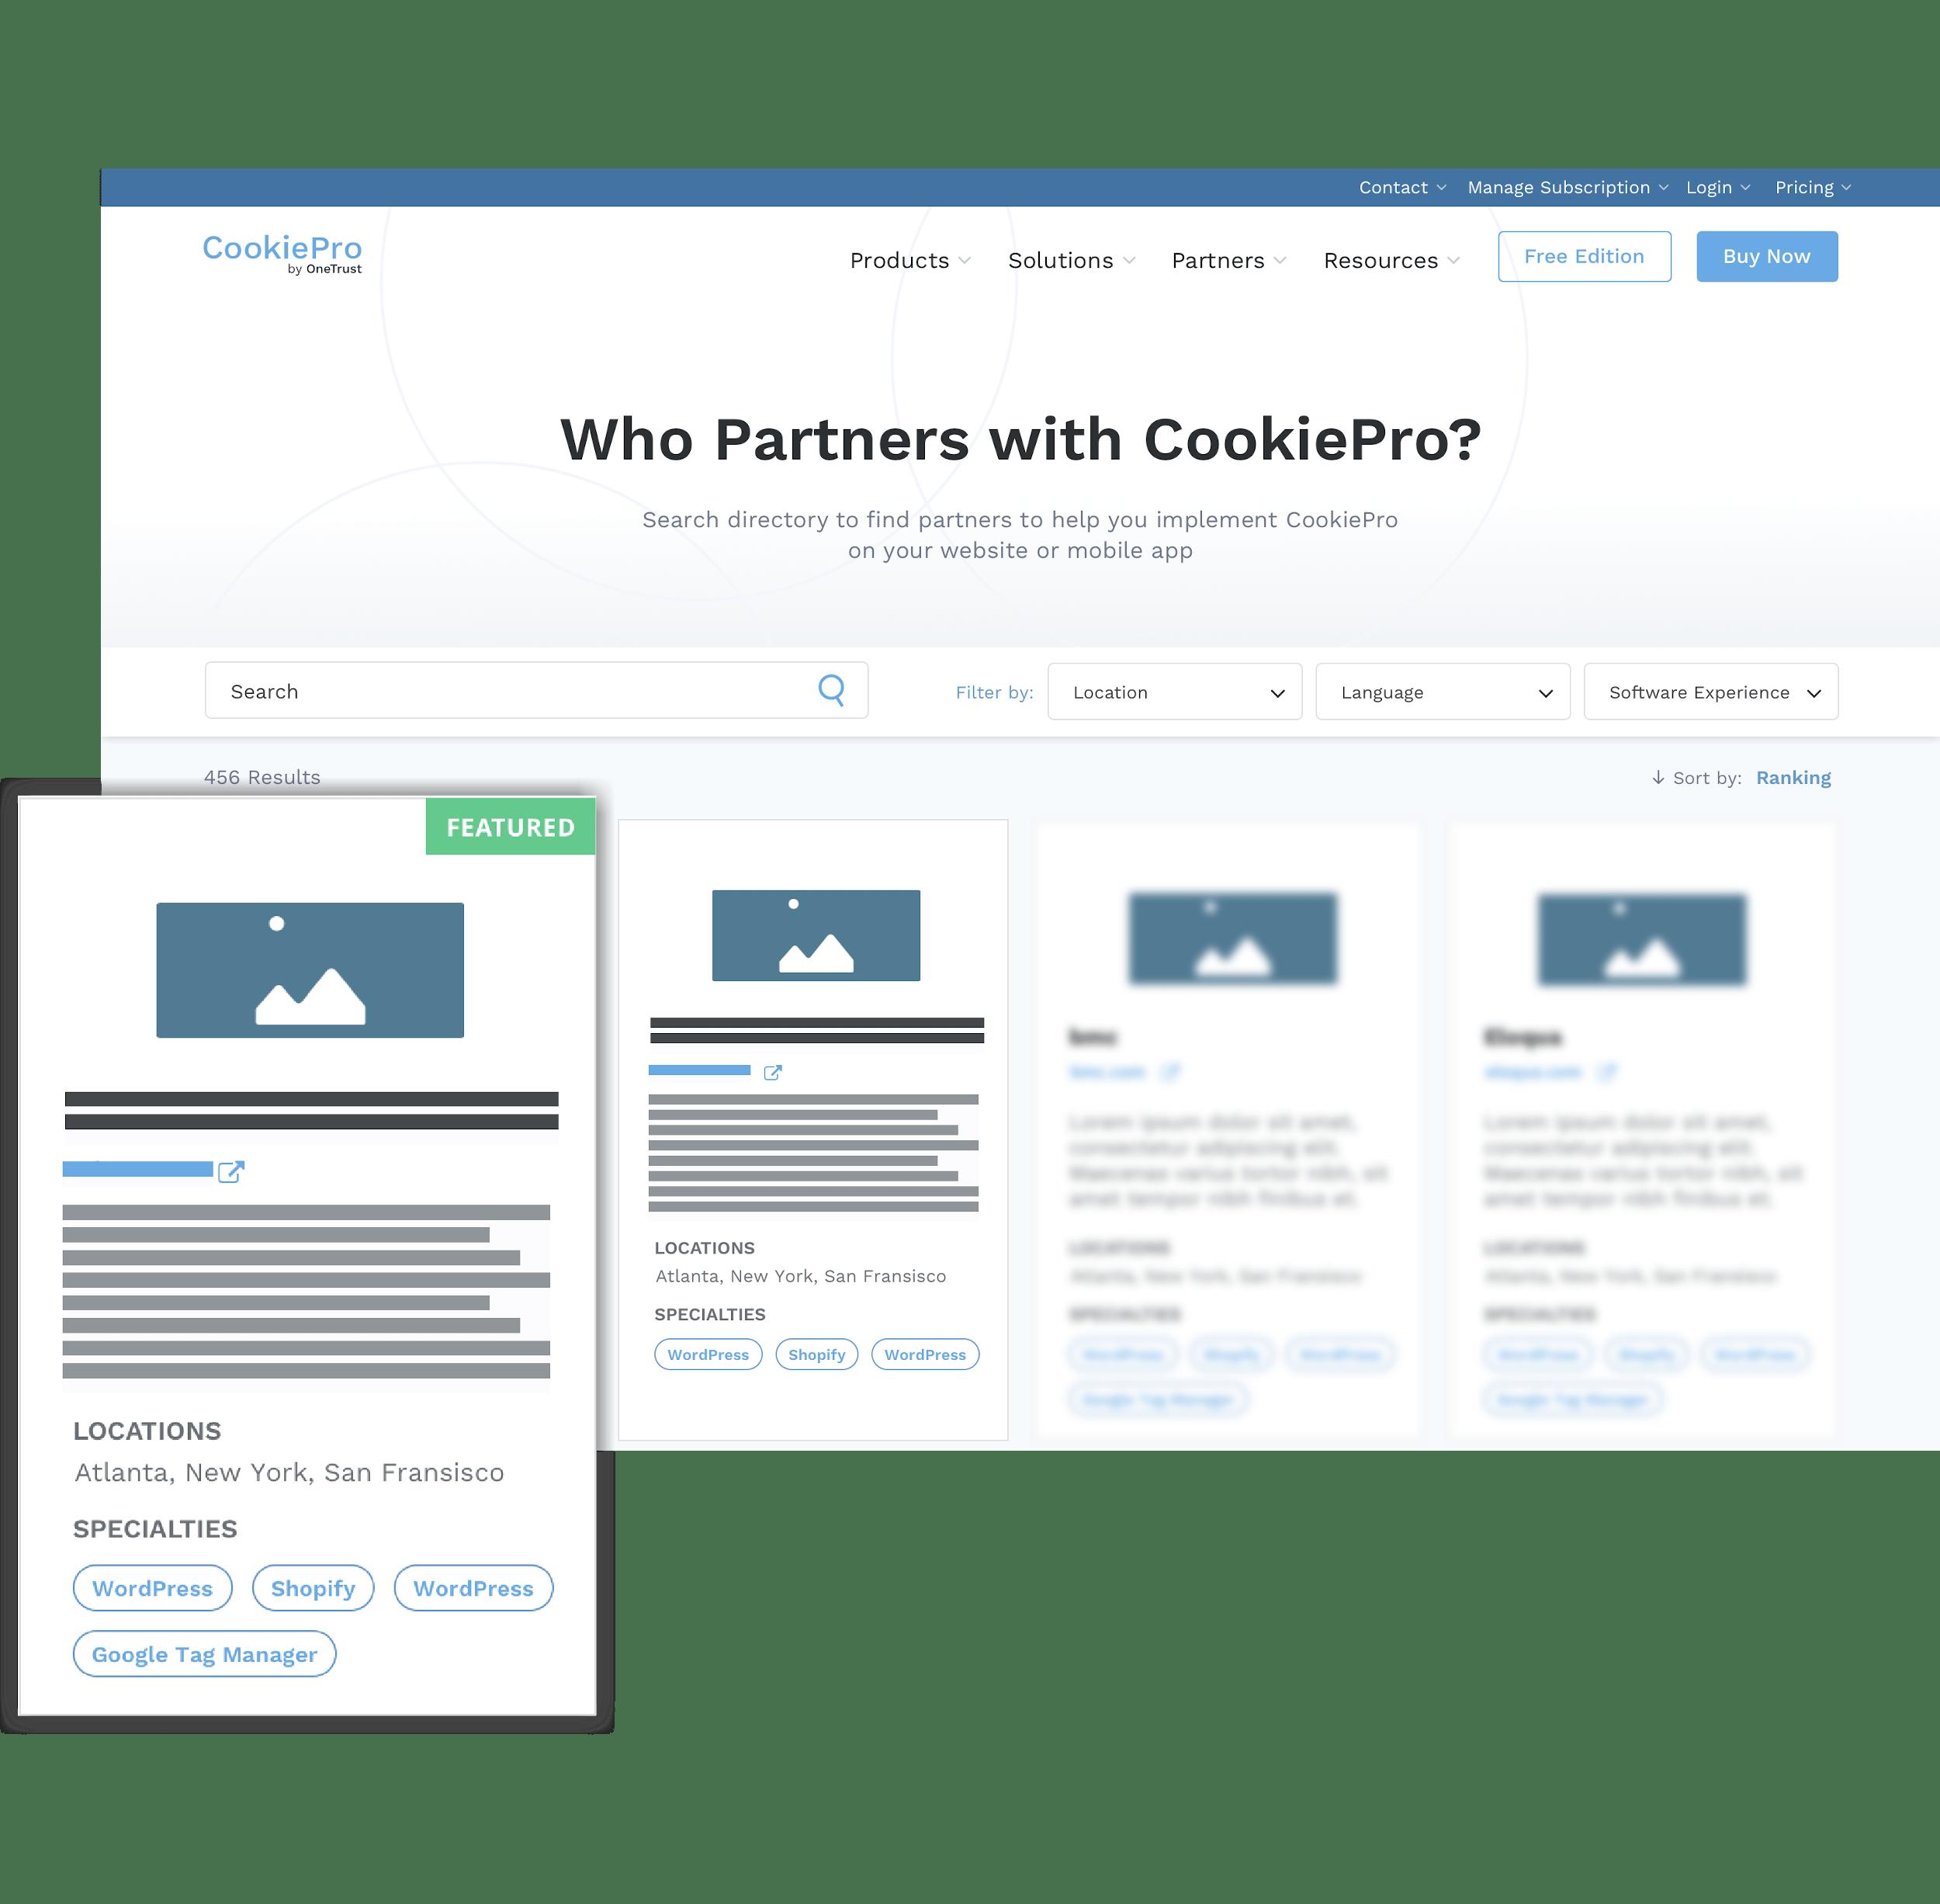 CookiePro Partner Directory